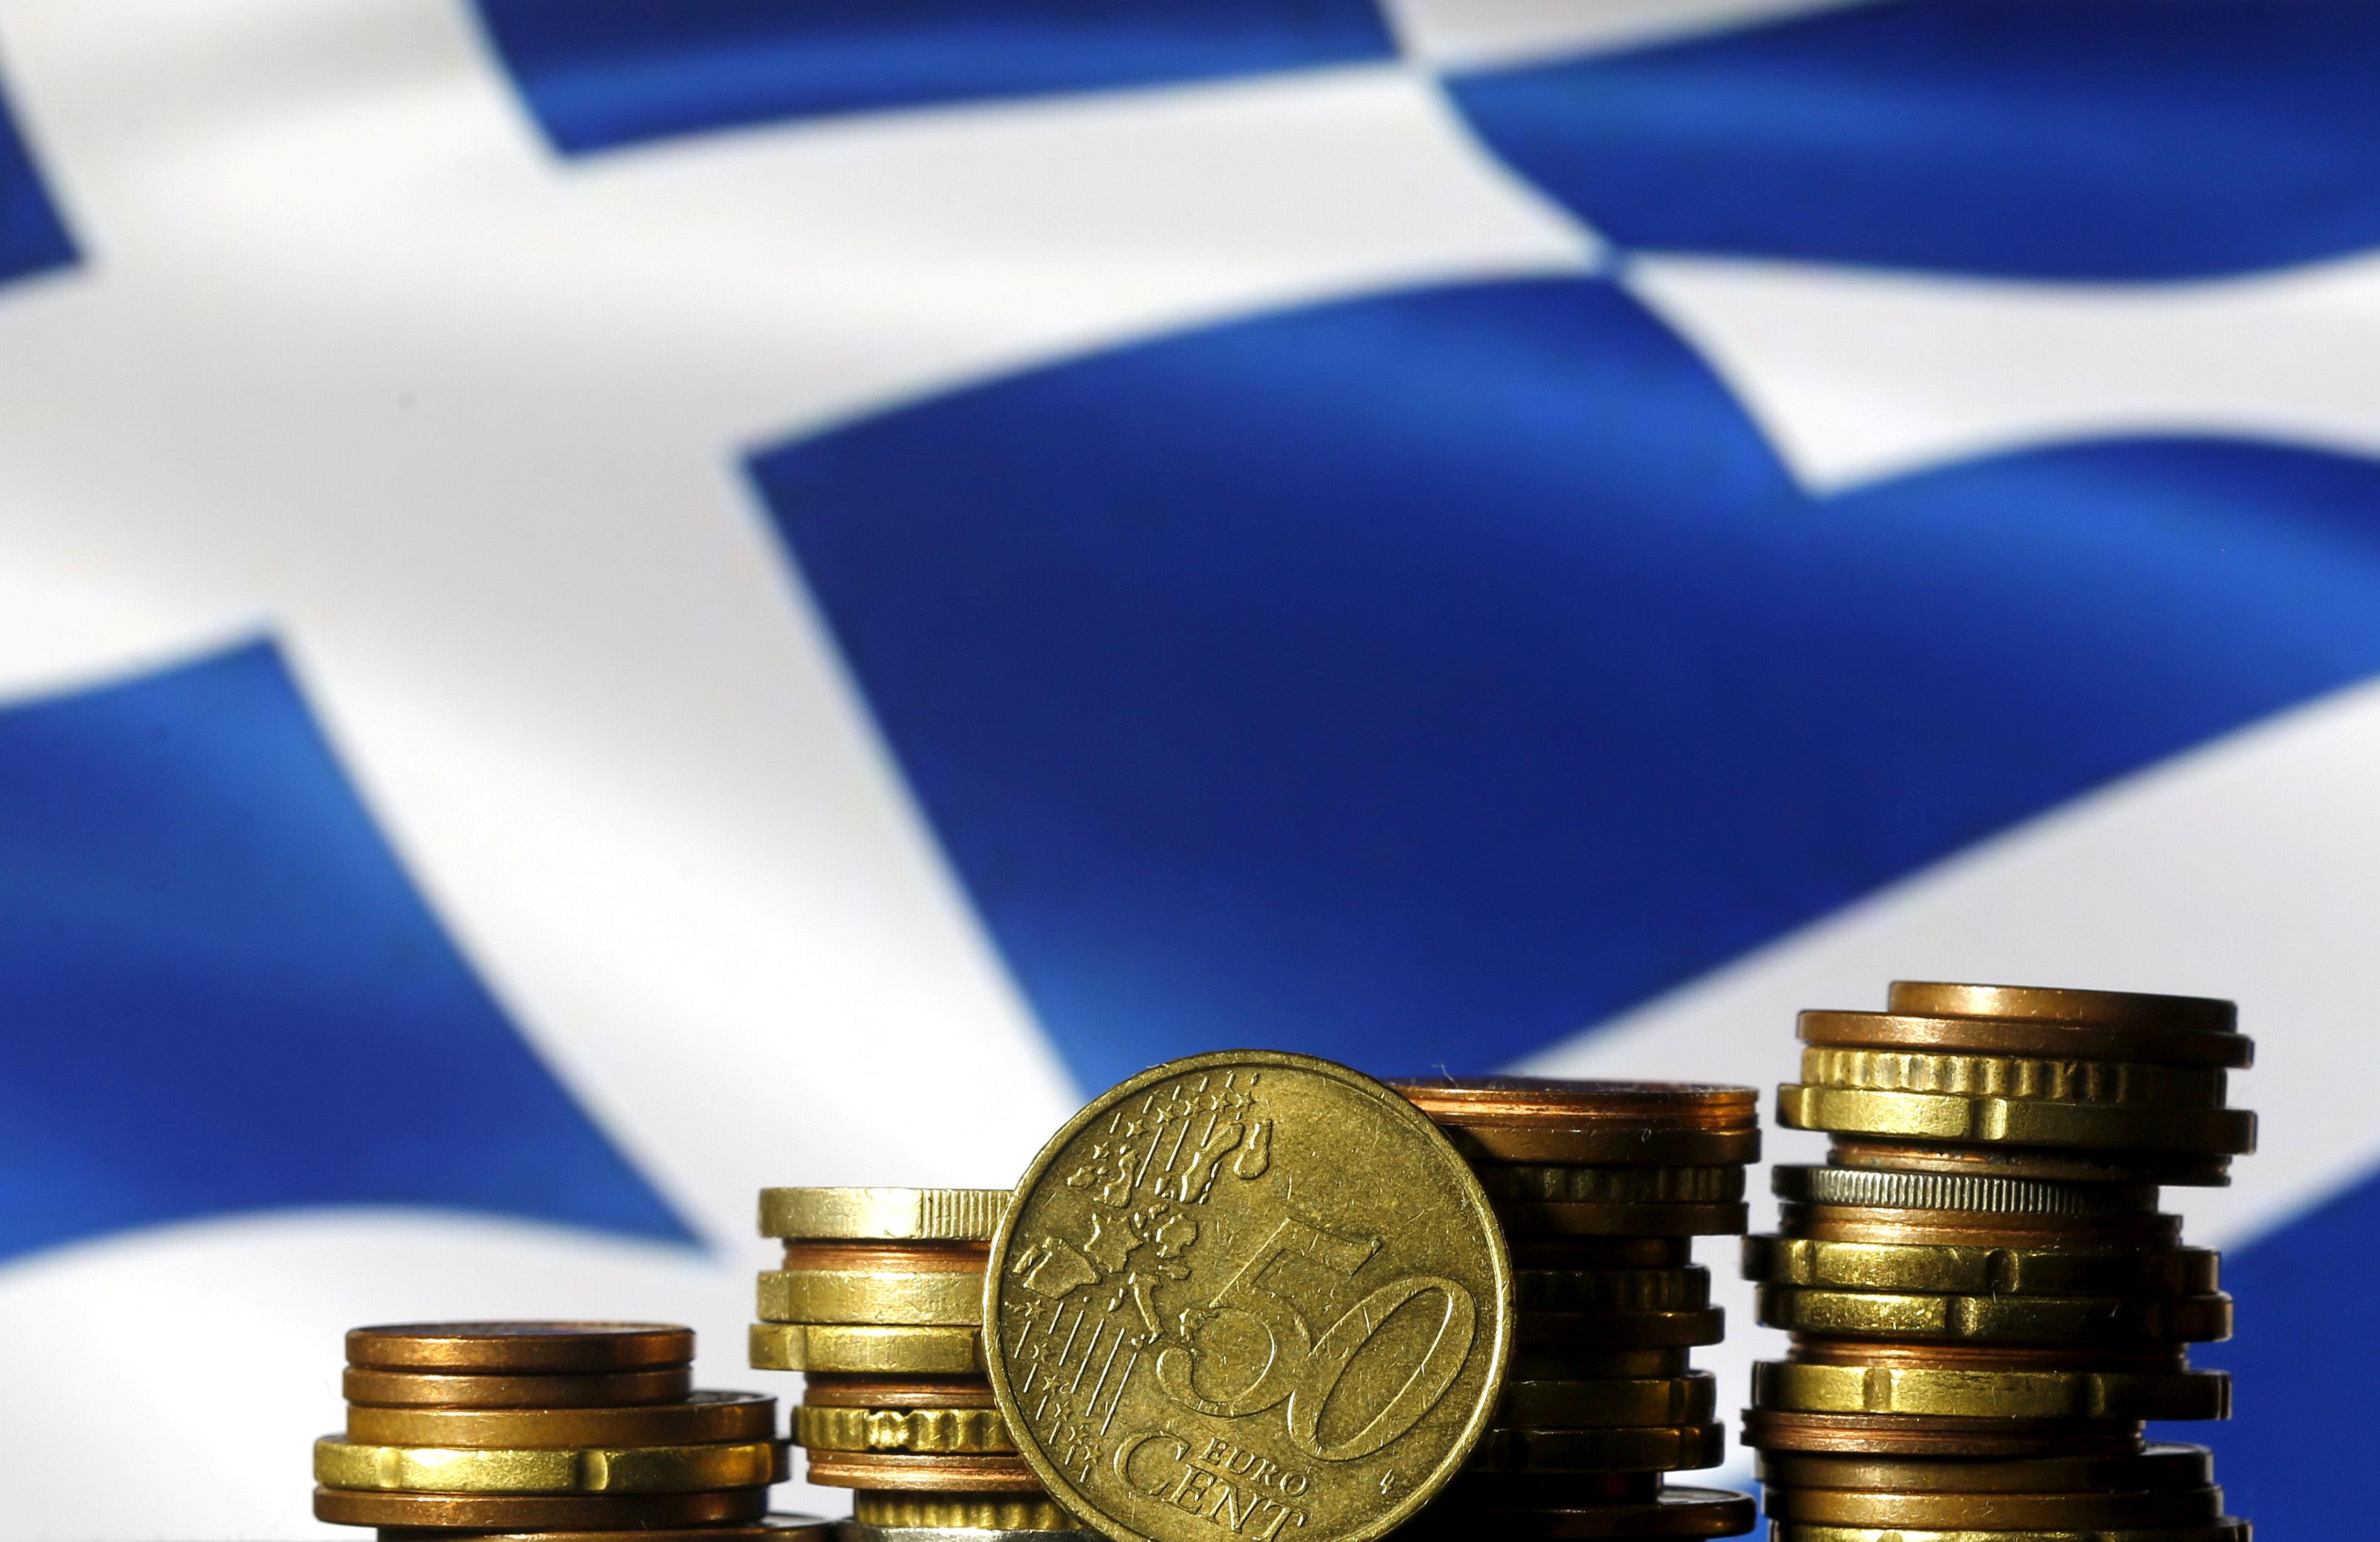 ΕΕ: Βελτίωση του οικονομικού κλίματος στην Ελλάδα τον Μάρτιο | tovima.gr